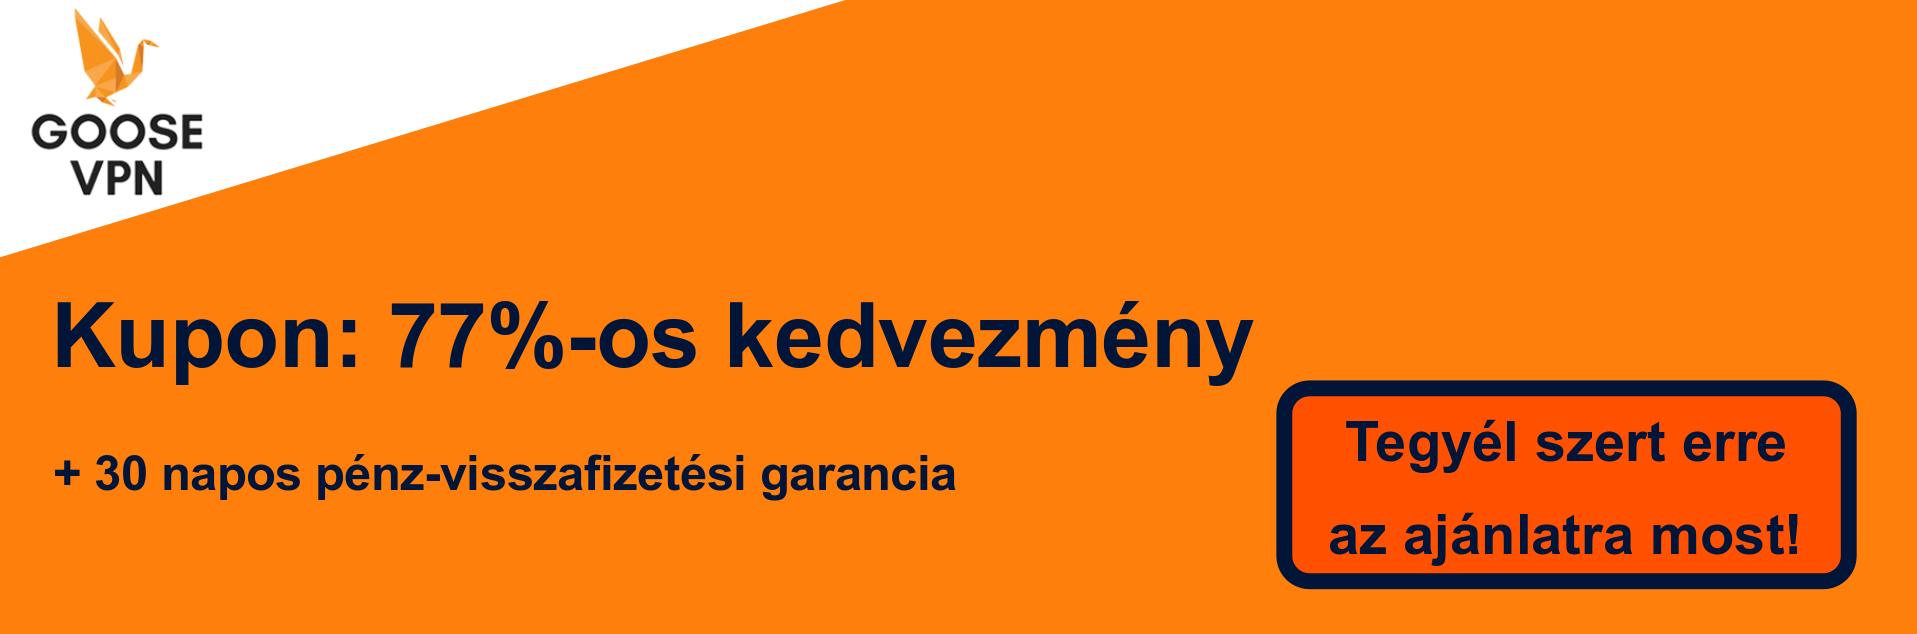 GooseVPN szelvény banner - 77% kedvezmény